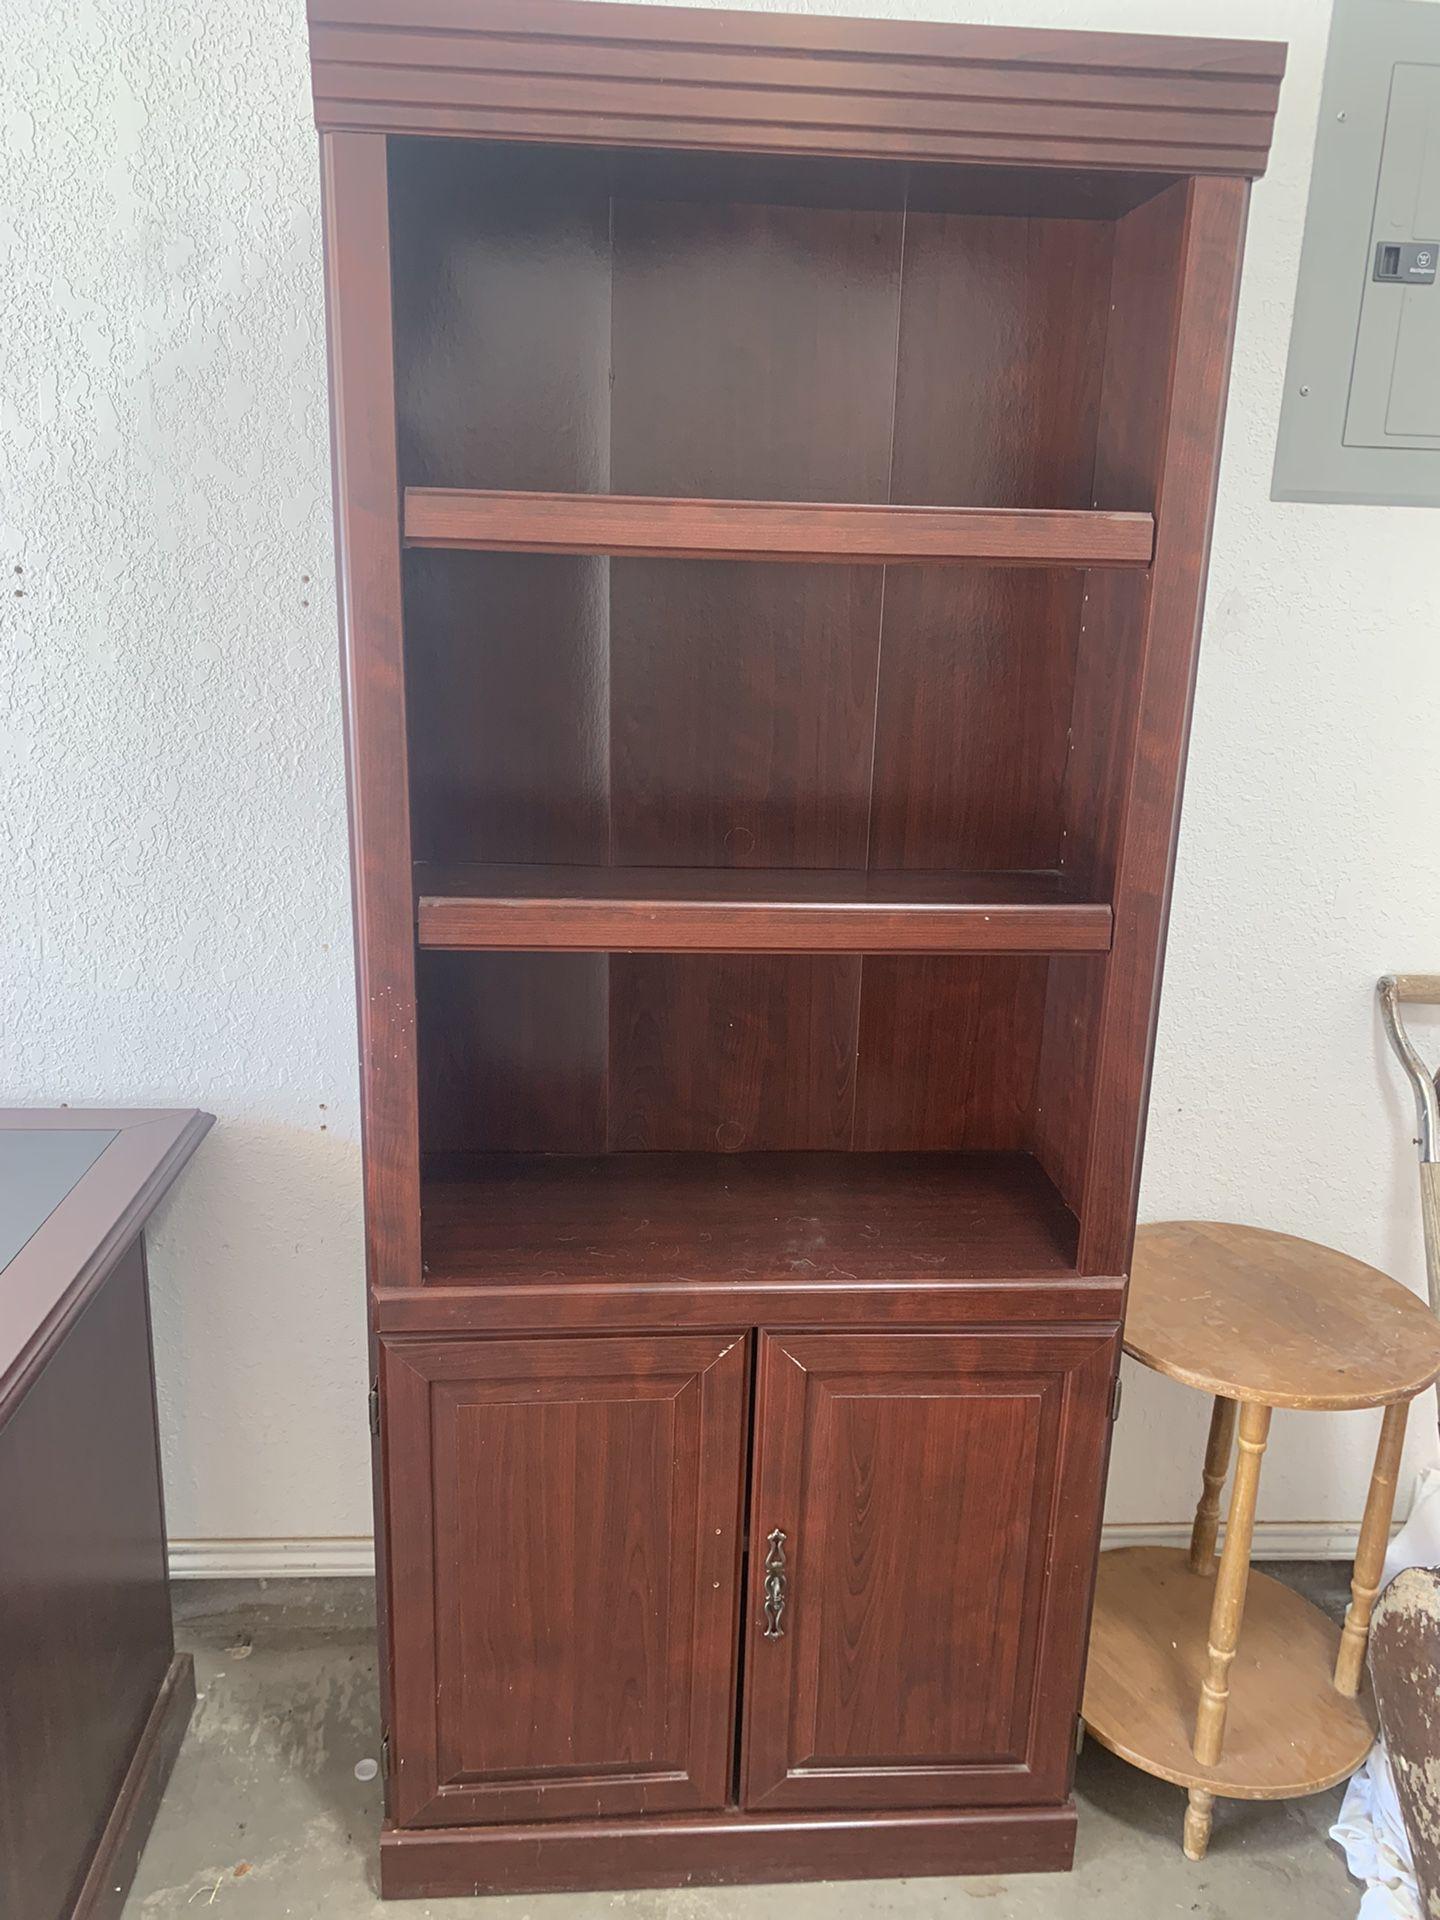 Executive Desk With Shelf